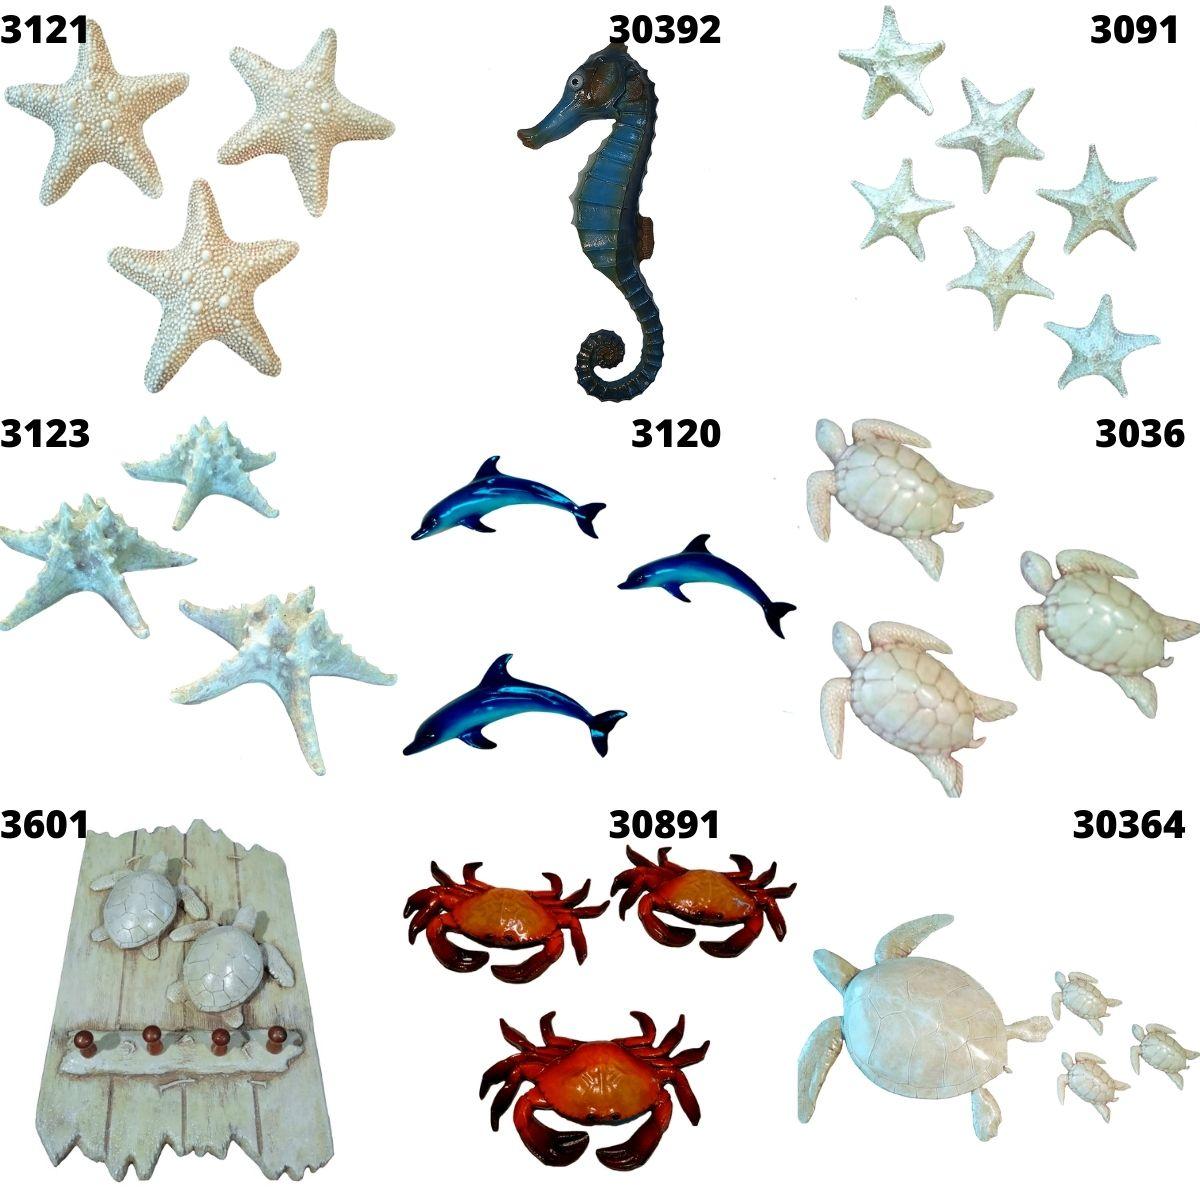 Golfinho Enfeite De Resina P/decoração Parede Externa 1,00mt